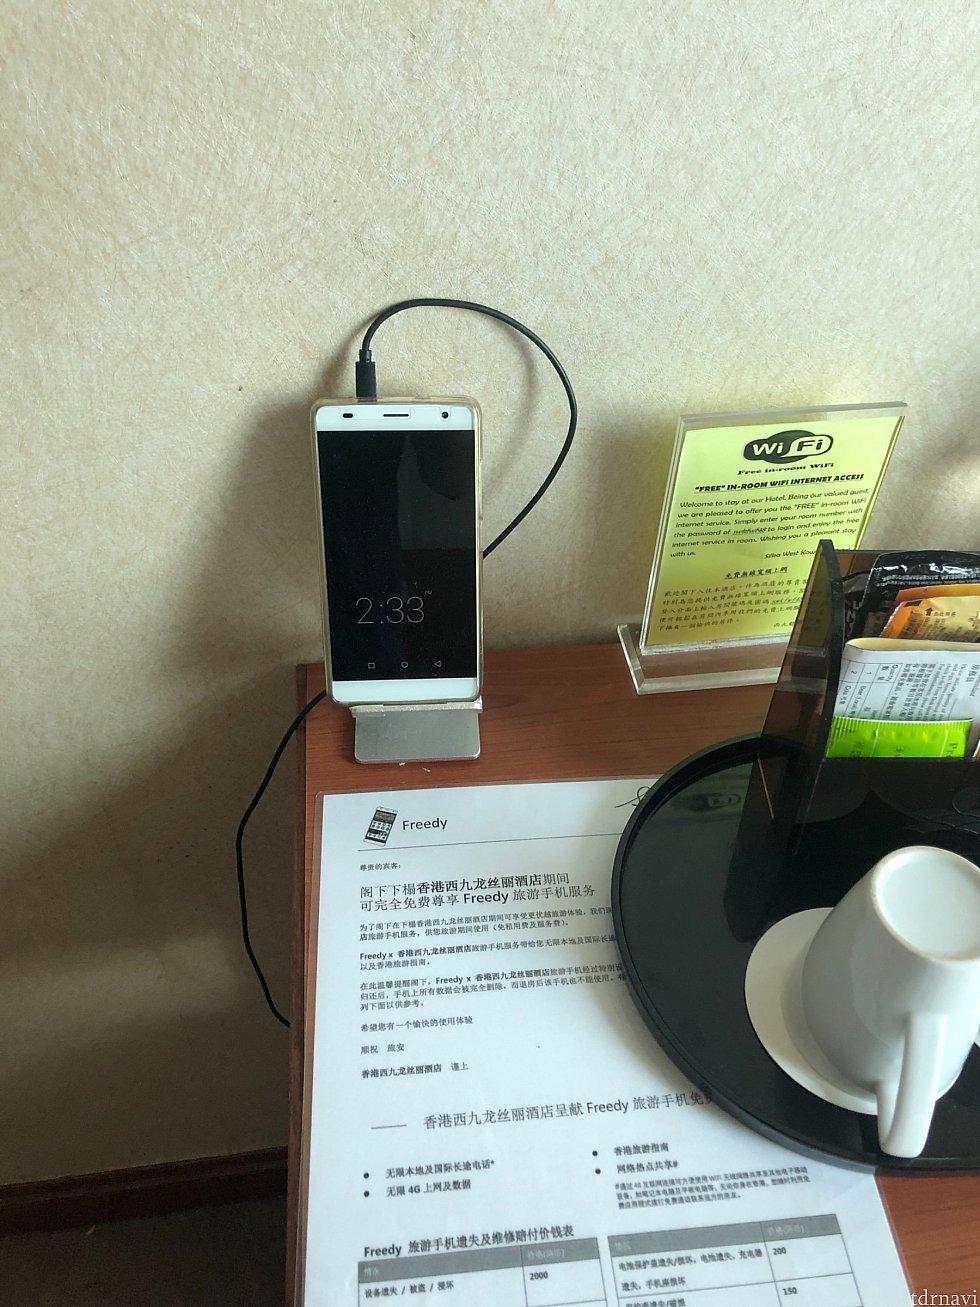 滞在中持ち運び自由なハンディフォン。閲覧は日本語にも対応しているので大変便利。